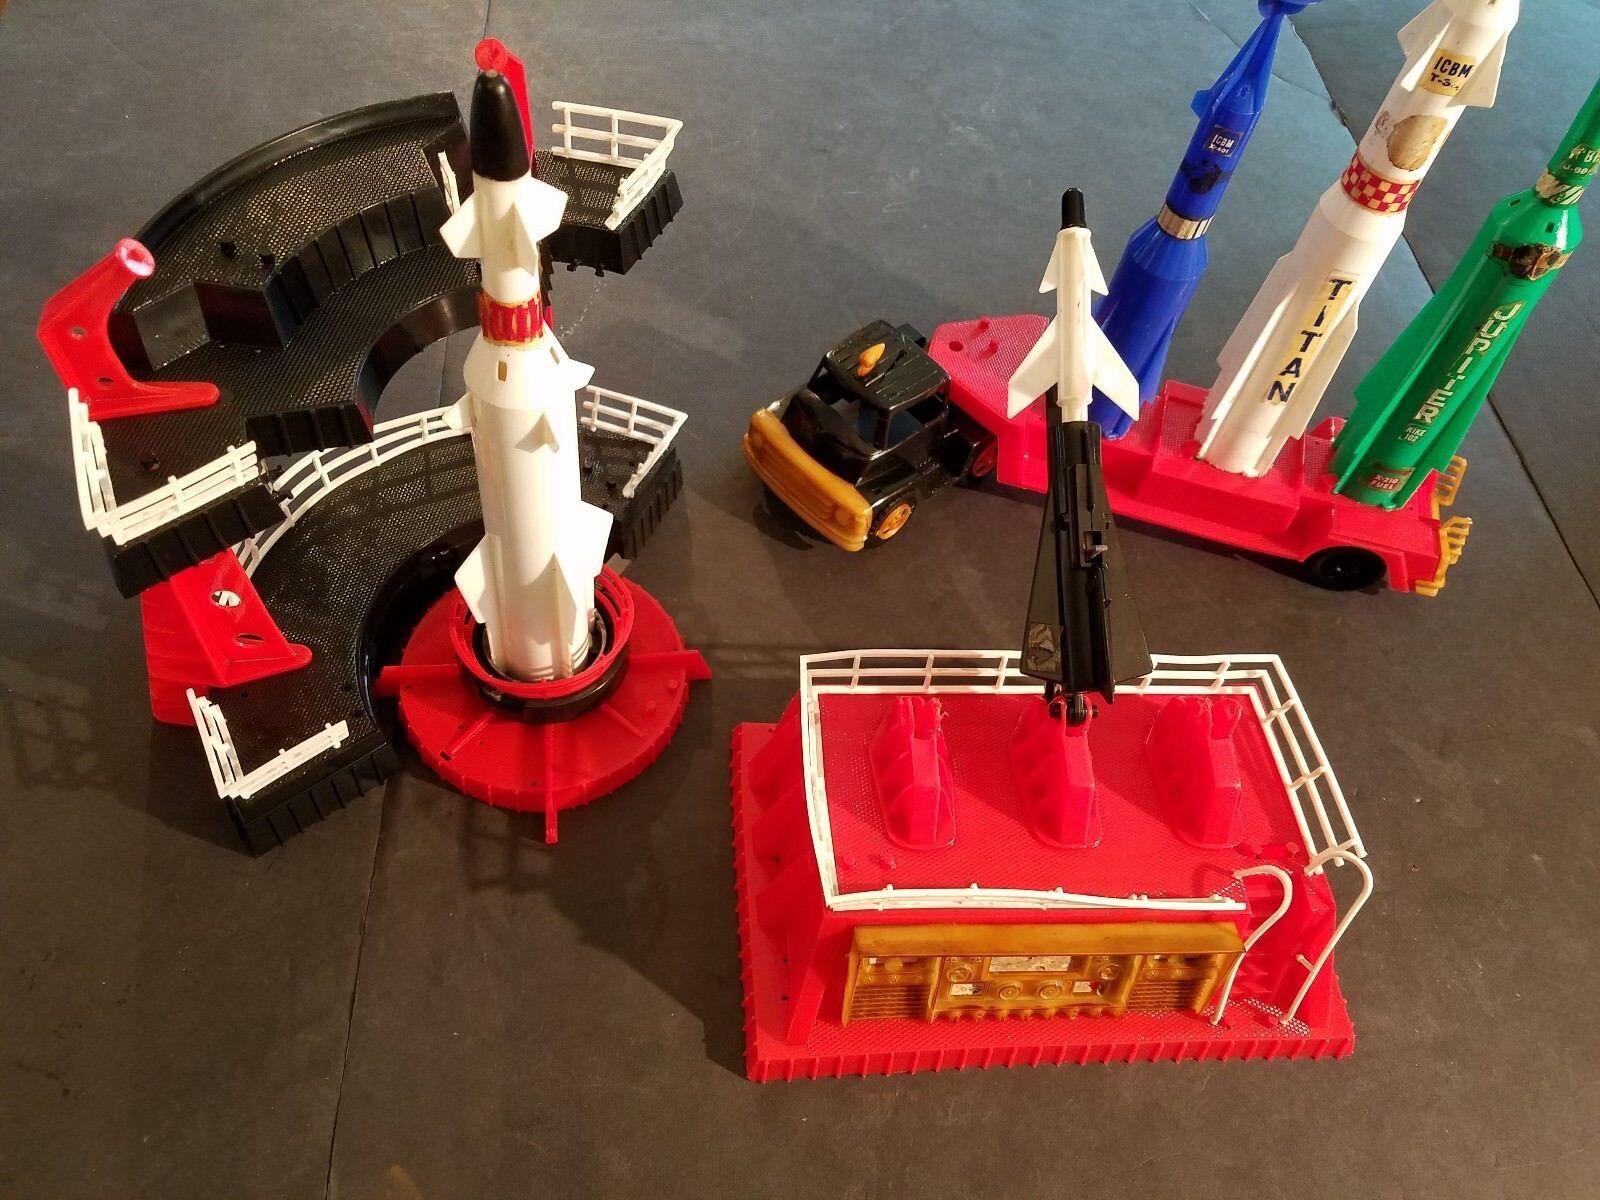 Raro 597ms de Luxe Juguete Co (Londres) No.32 Cohete Base EEUU Plástico Set